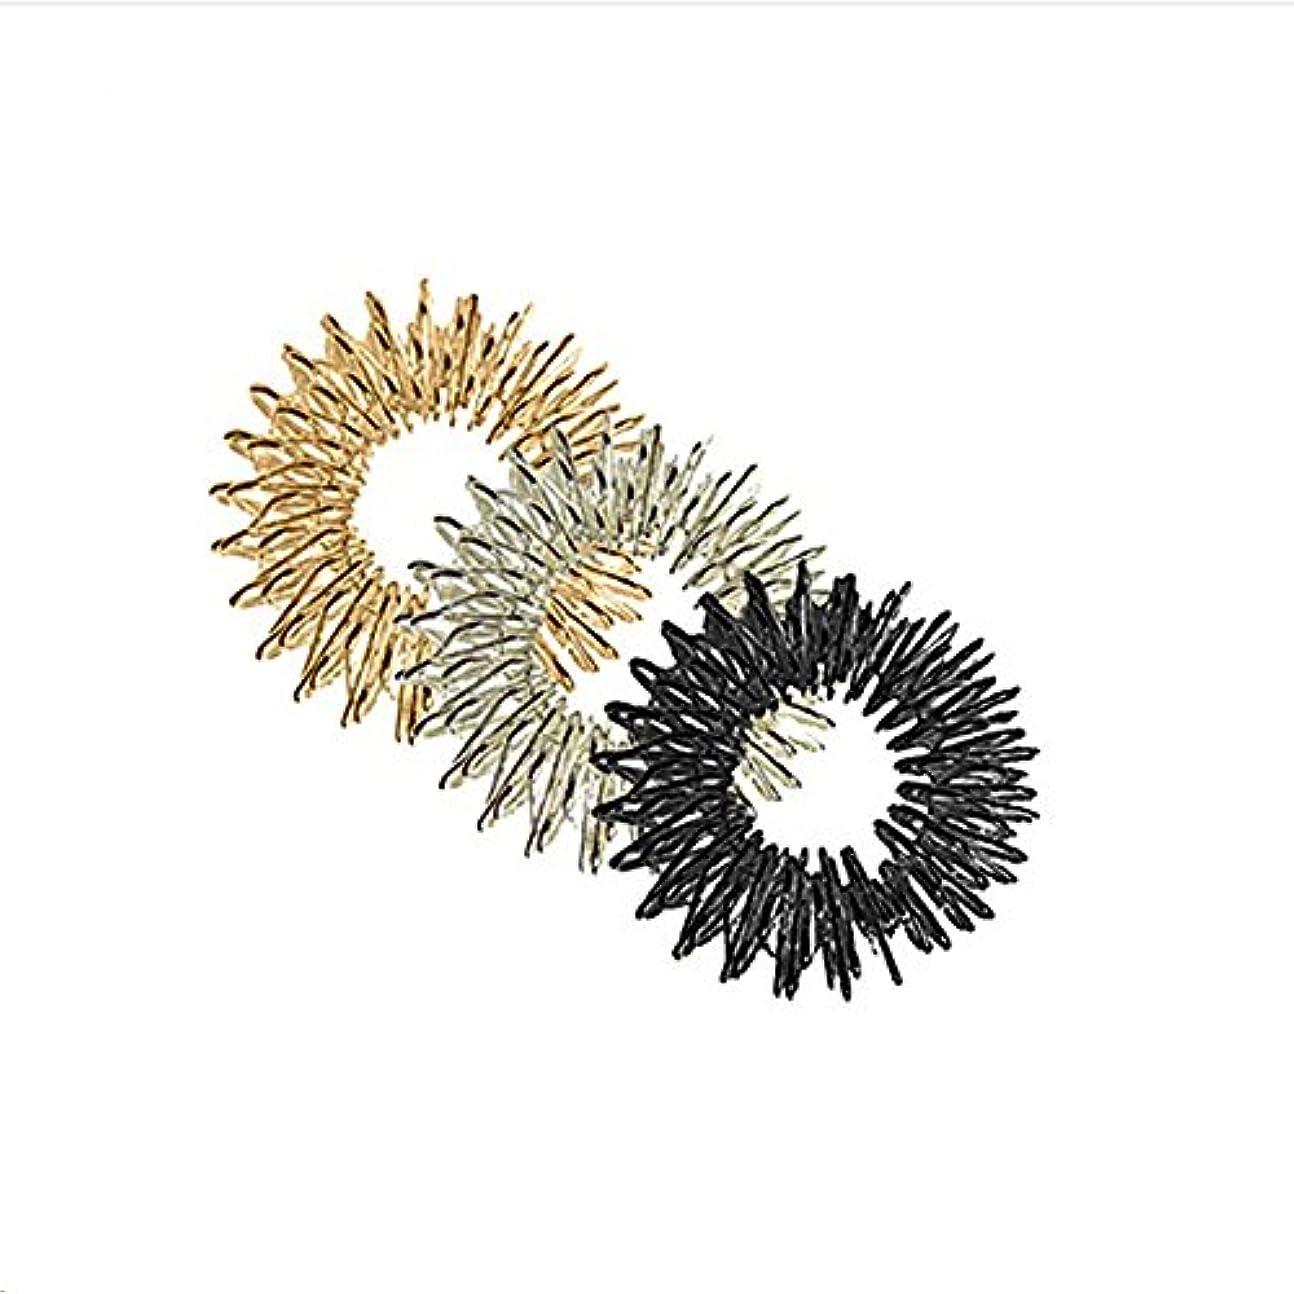 帰る論争伝統的ROSENICE 指圧リングマッサージリング3本指圧マッサージリング(ゴールド+シルバー+ブラック)